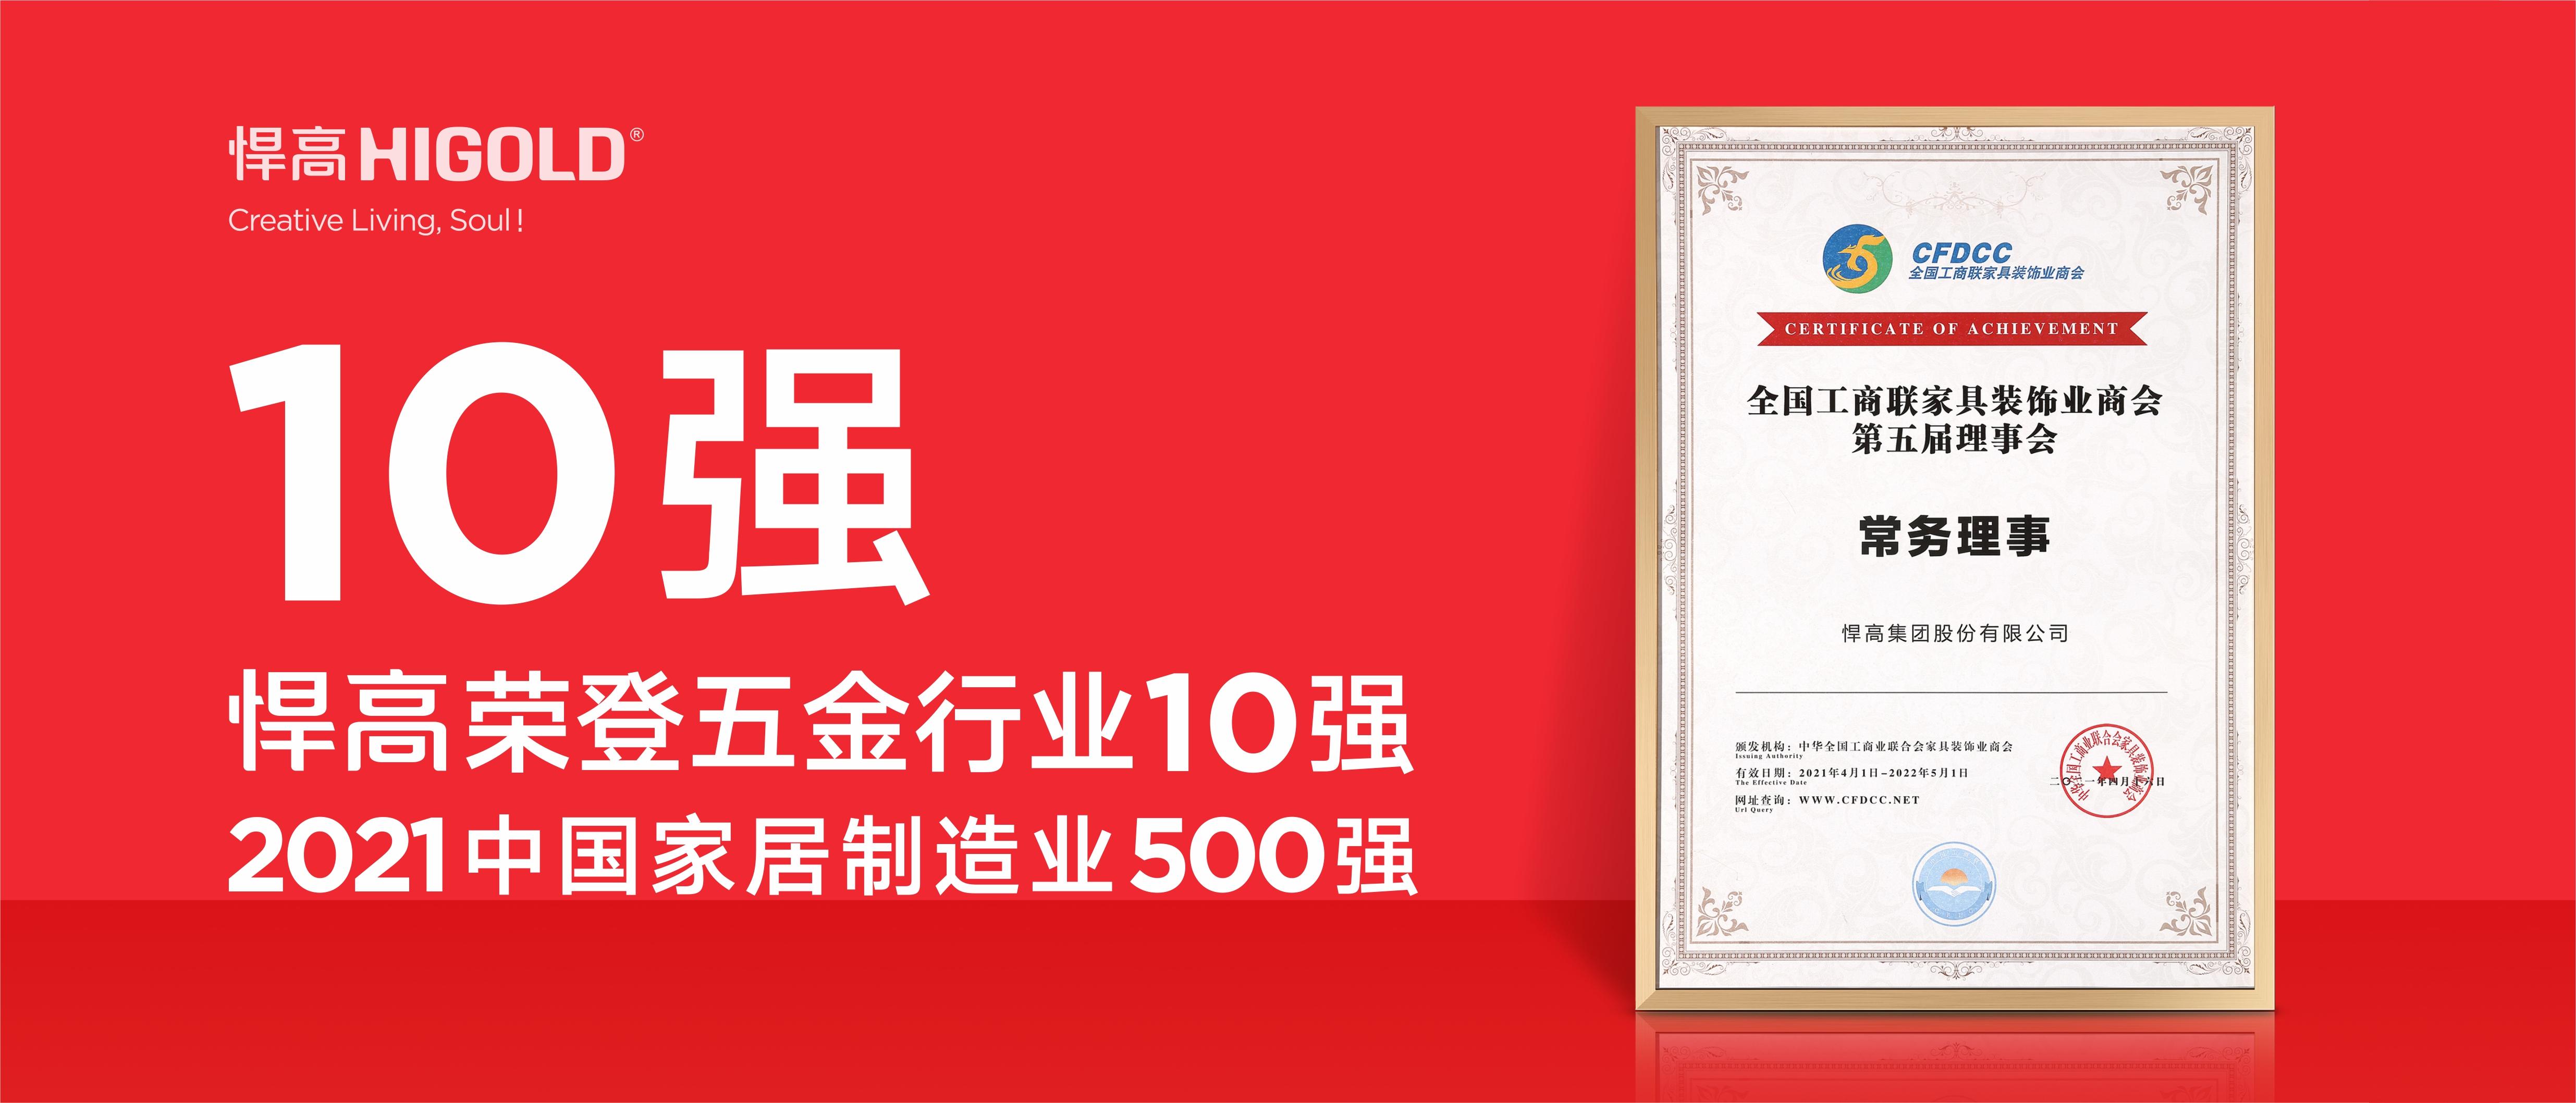 悍高荣登五金行业10强,2020中国家居制造业500强!